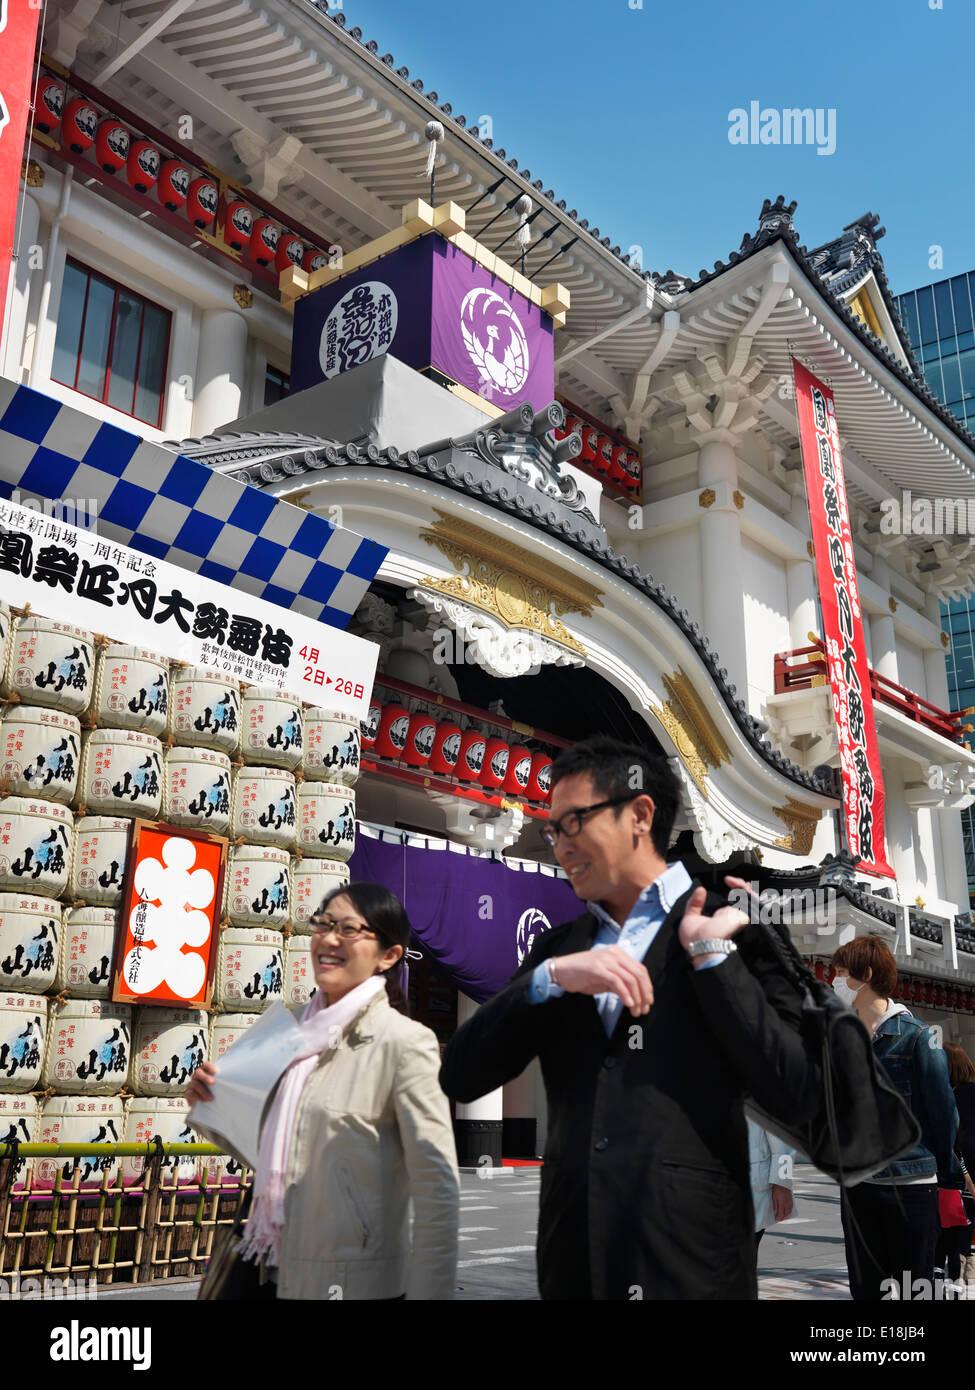 People walking past Kabuki-za theater in Ginza, Tokyo, Japan. - Stock Image